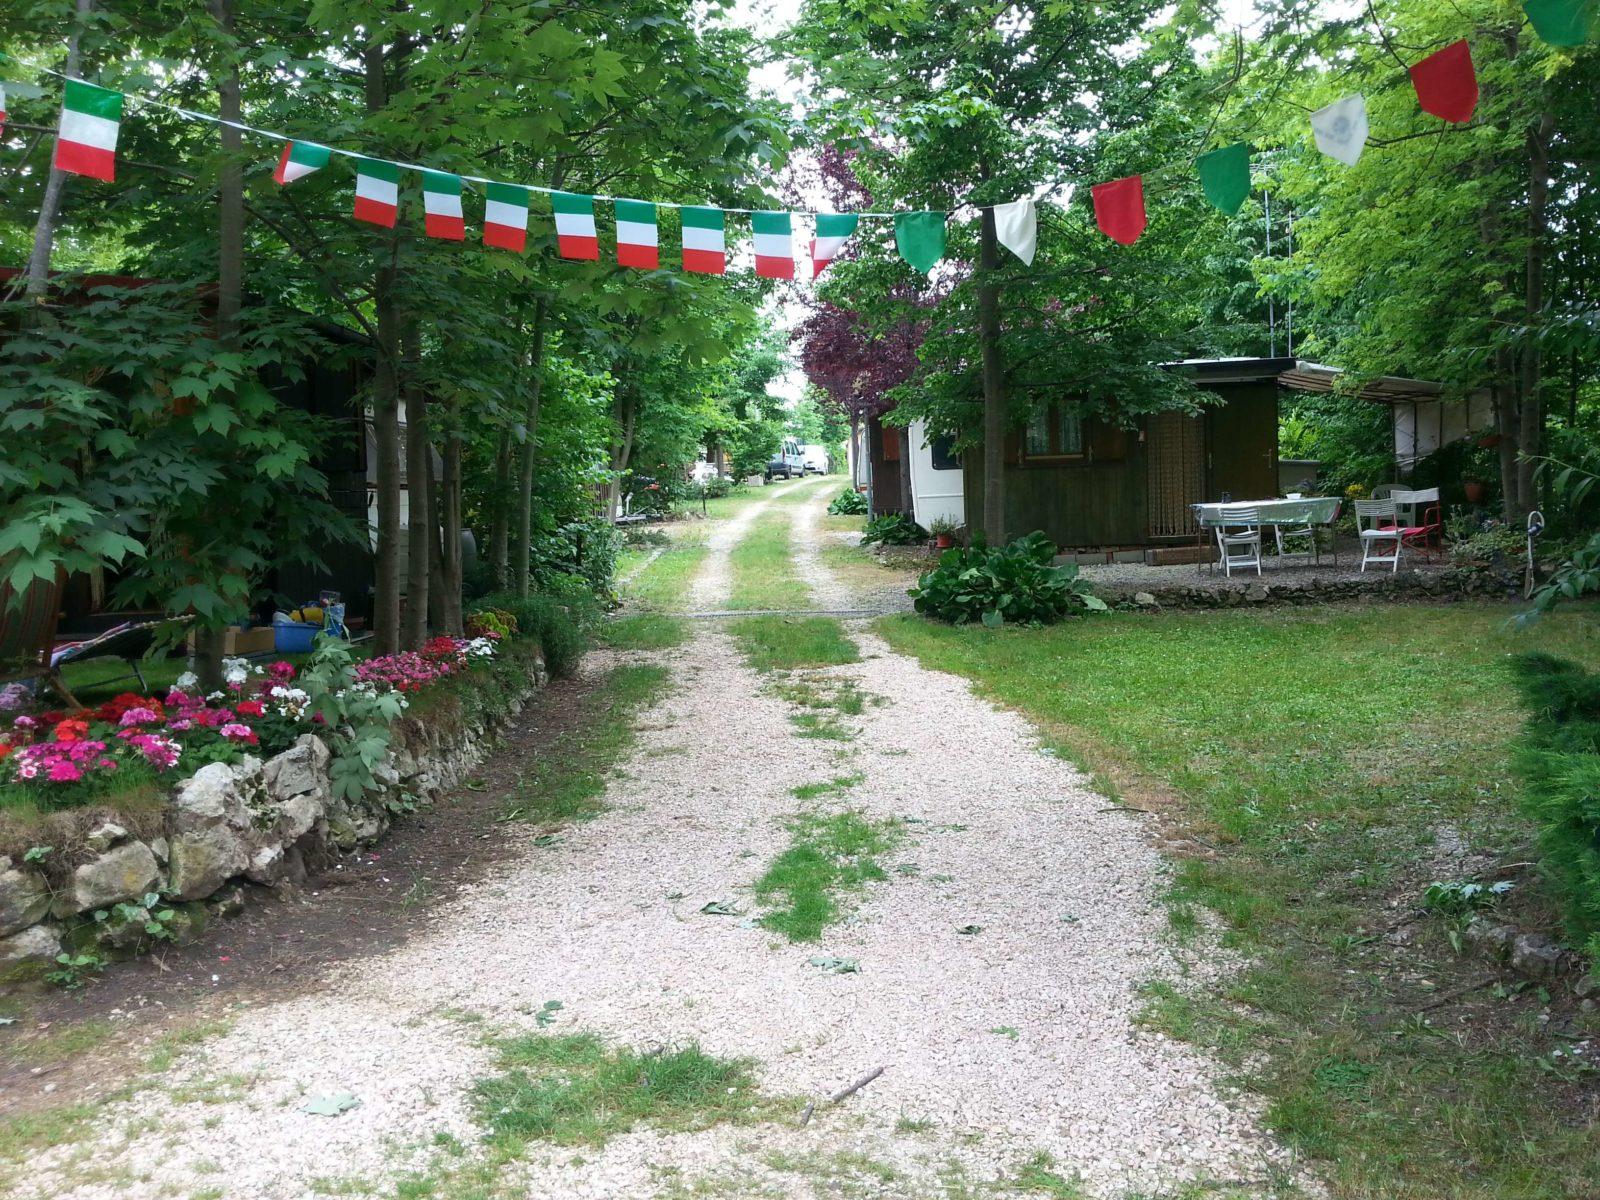 viale-tre-c-camping-club-cerbaro-e1478959620758